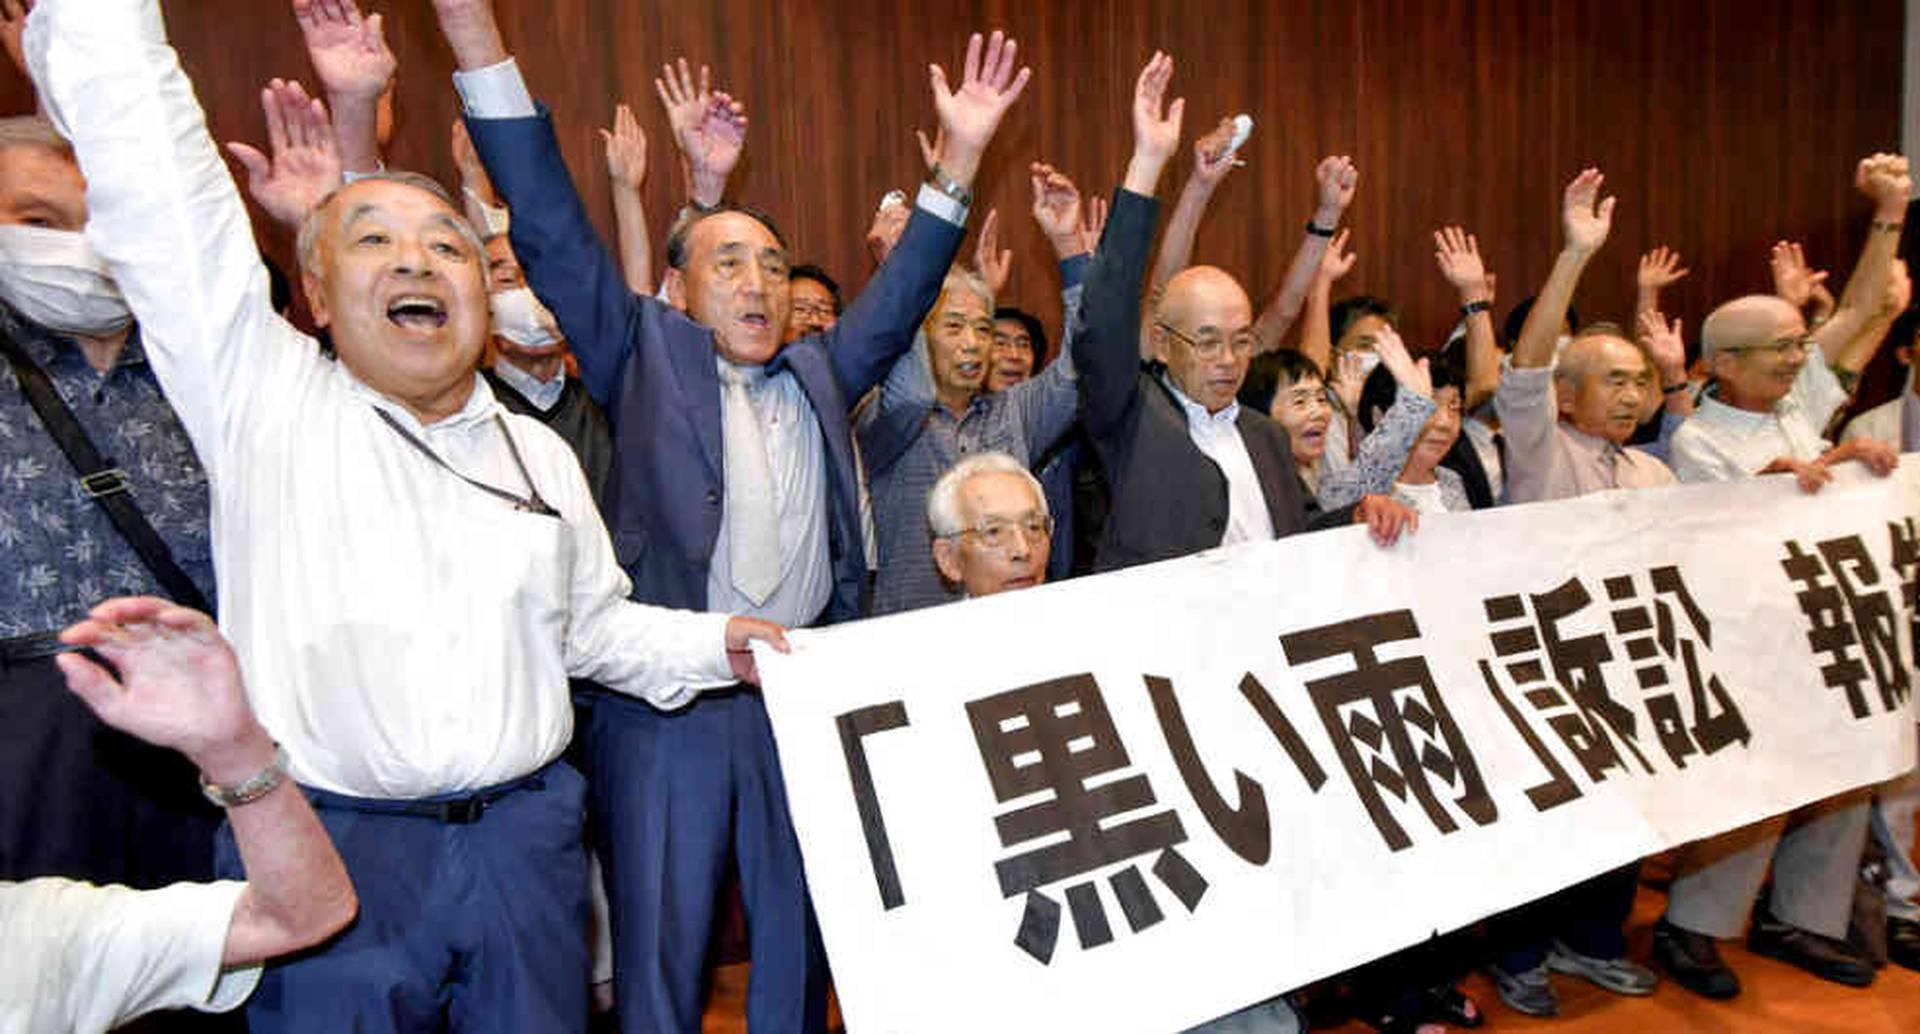 Demandantes y sus grupos de apoyo celebran en una reunión la decisión del tribunal.